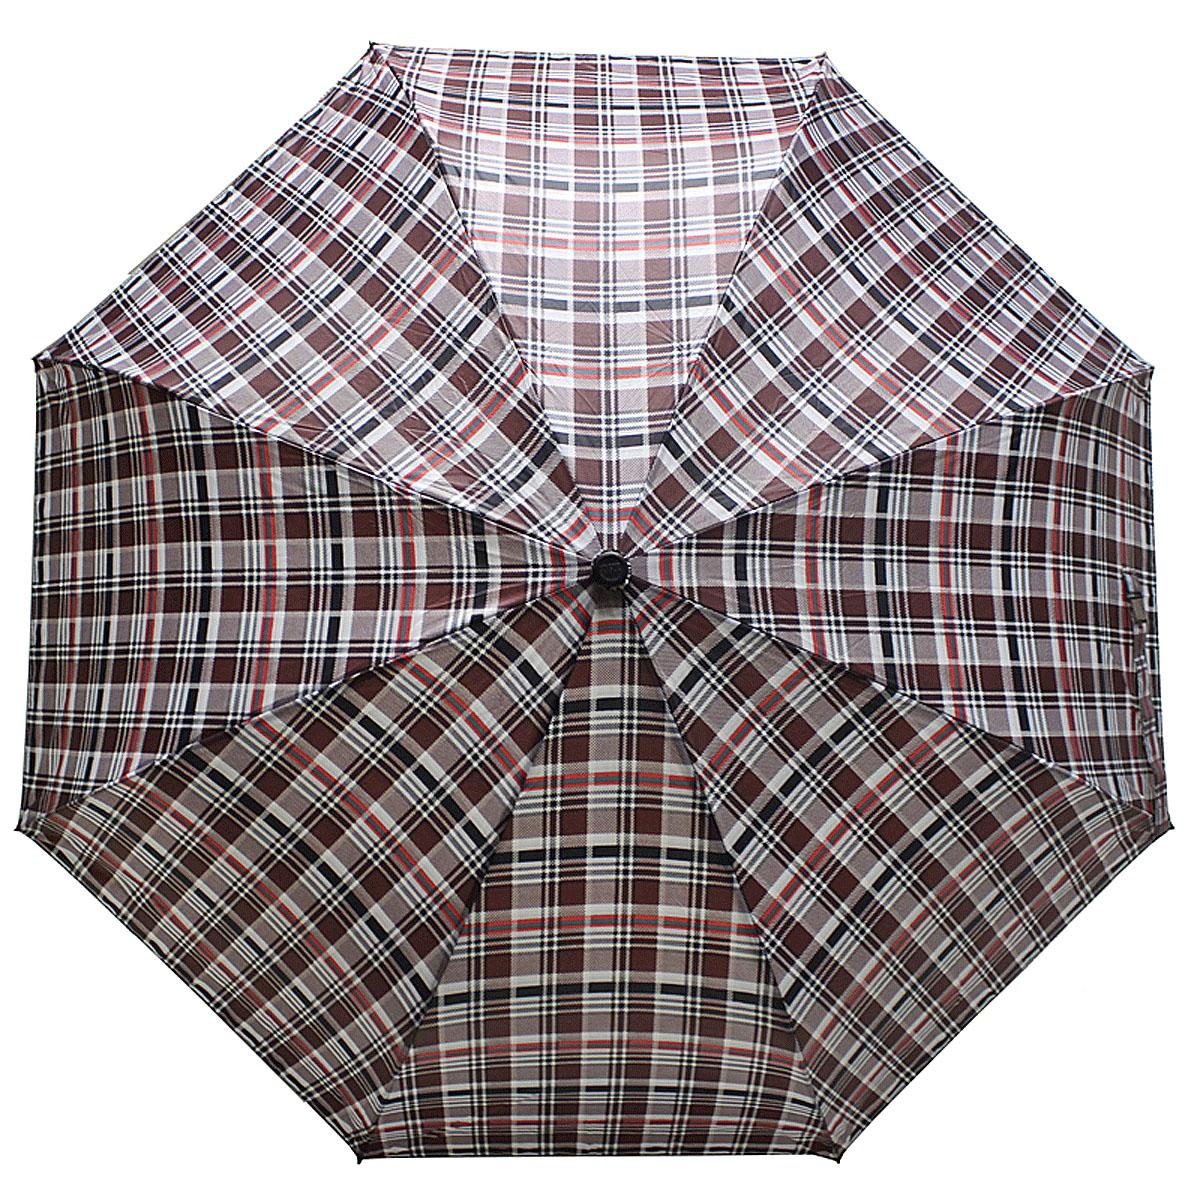 Зонт женский Vogue, цвет: бордовый. 448V-145100032/35449/3537AСтильный зонт испанского производителя Vogue оснащен каркасом с противоветровым эффектом.Каркас зонта включает 8 спиц. Стержень изготовлен из стали, купол выполнен из прочного полиэстера.Зонт является механическим: купол открывается и закрывается вручную до характерного щелчка. Такой зонт не только надежно защитит вас от дождя, но и станет стильным аксессуаром, который идеально подчеркнет ваш неповторимый образ. Рекомендации по использованию: Мокрый зонт нельзя оставлять сложенным. Зонт после использования рекомендуется сушить в полураскрытом виде вдали от нагревательных приборов. Чистить зонт рекомендуется губкой, используя мягкие нещелочные растворы.